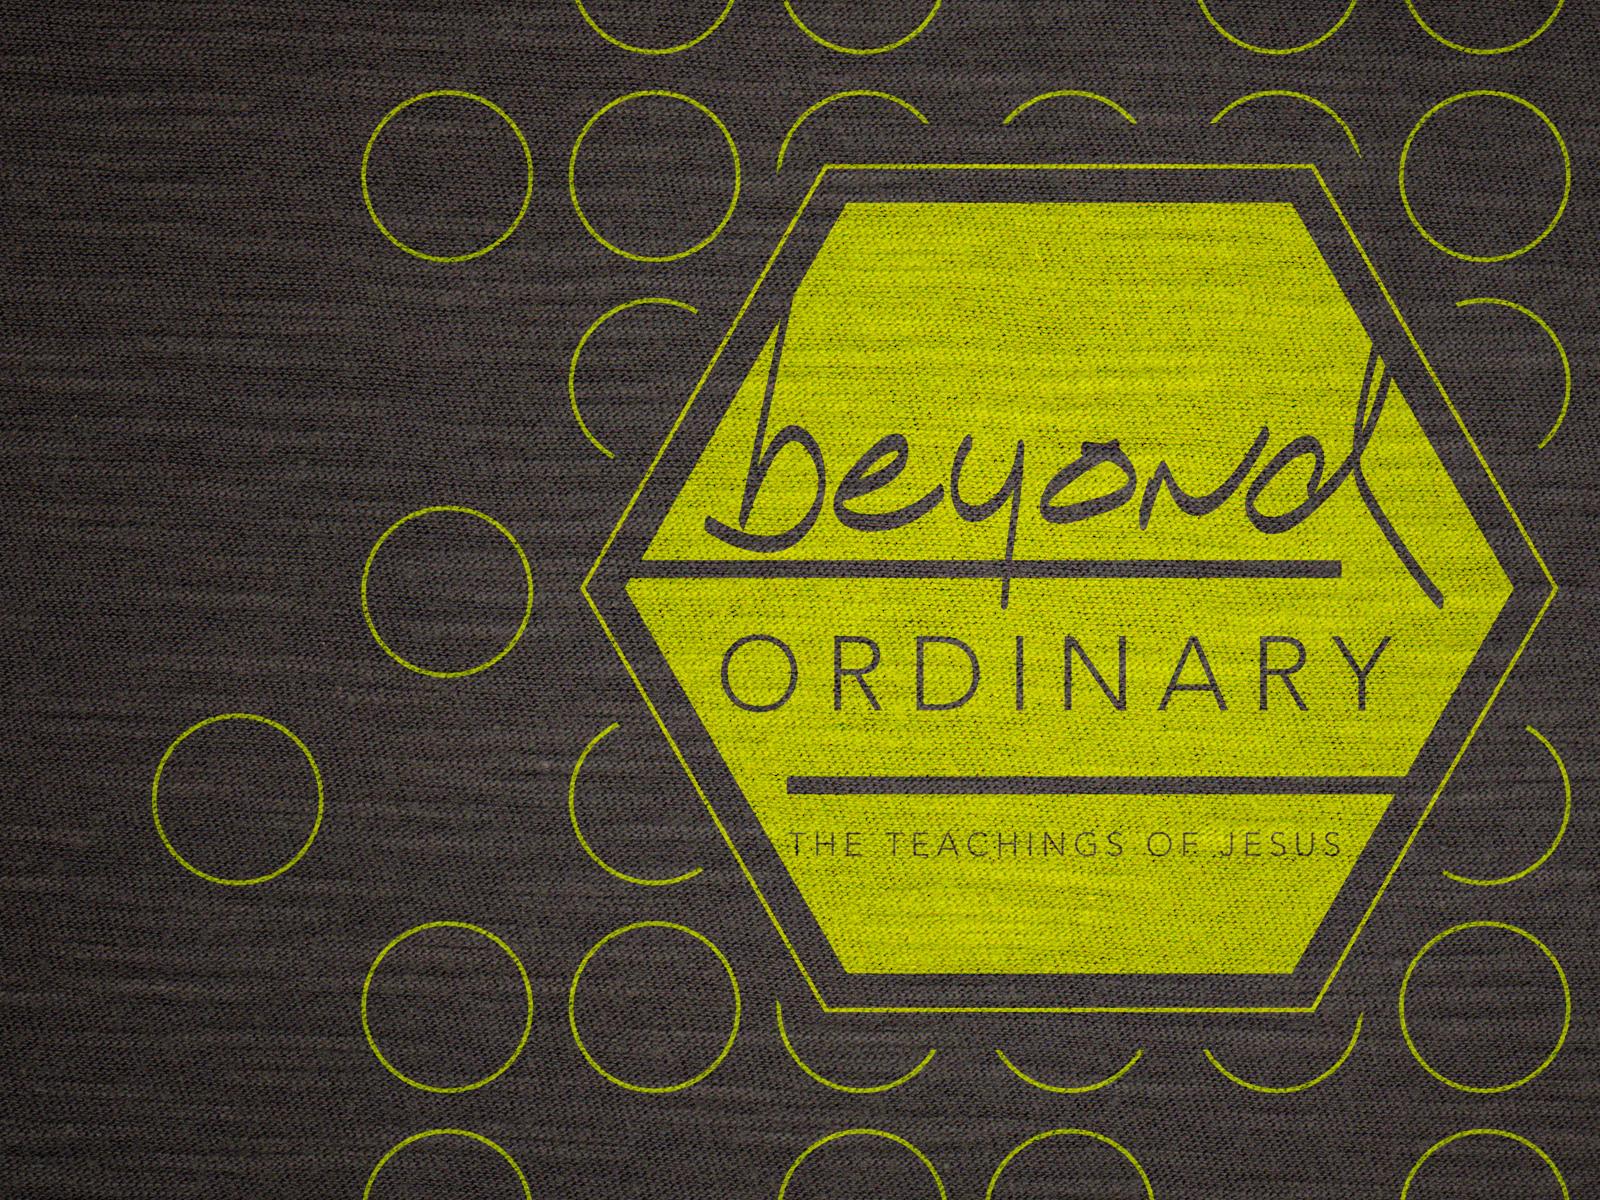 Wallpaper_Desktop_Standard_Beyond_Ordinary.jpg